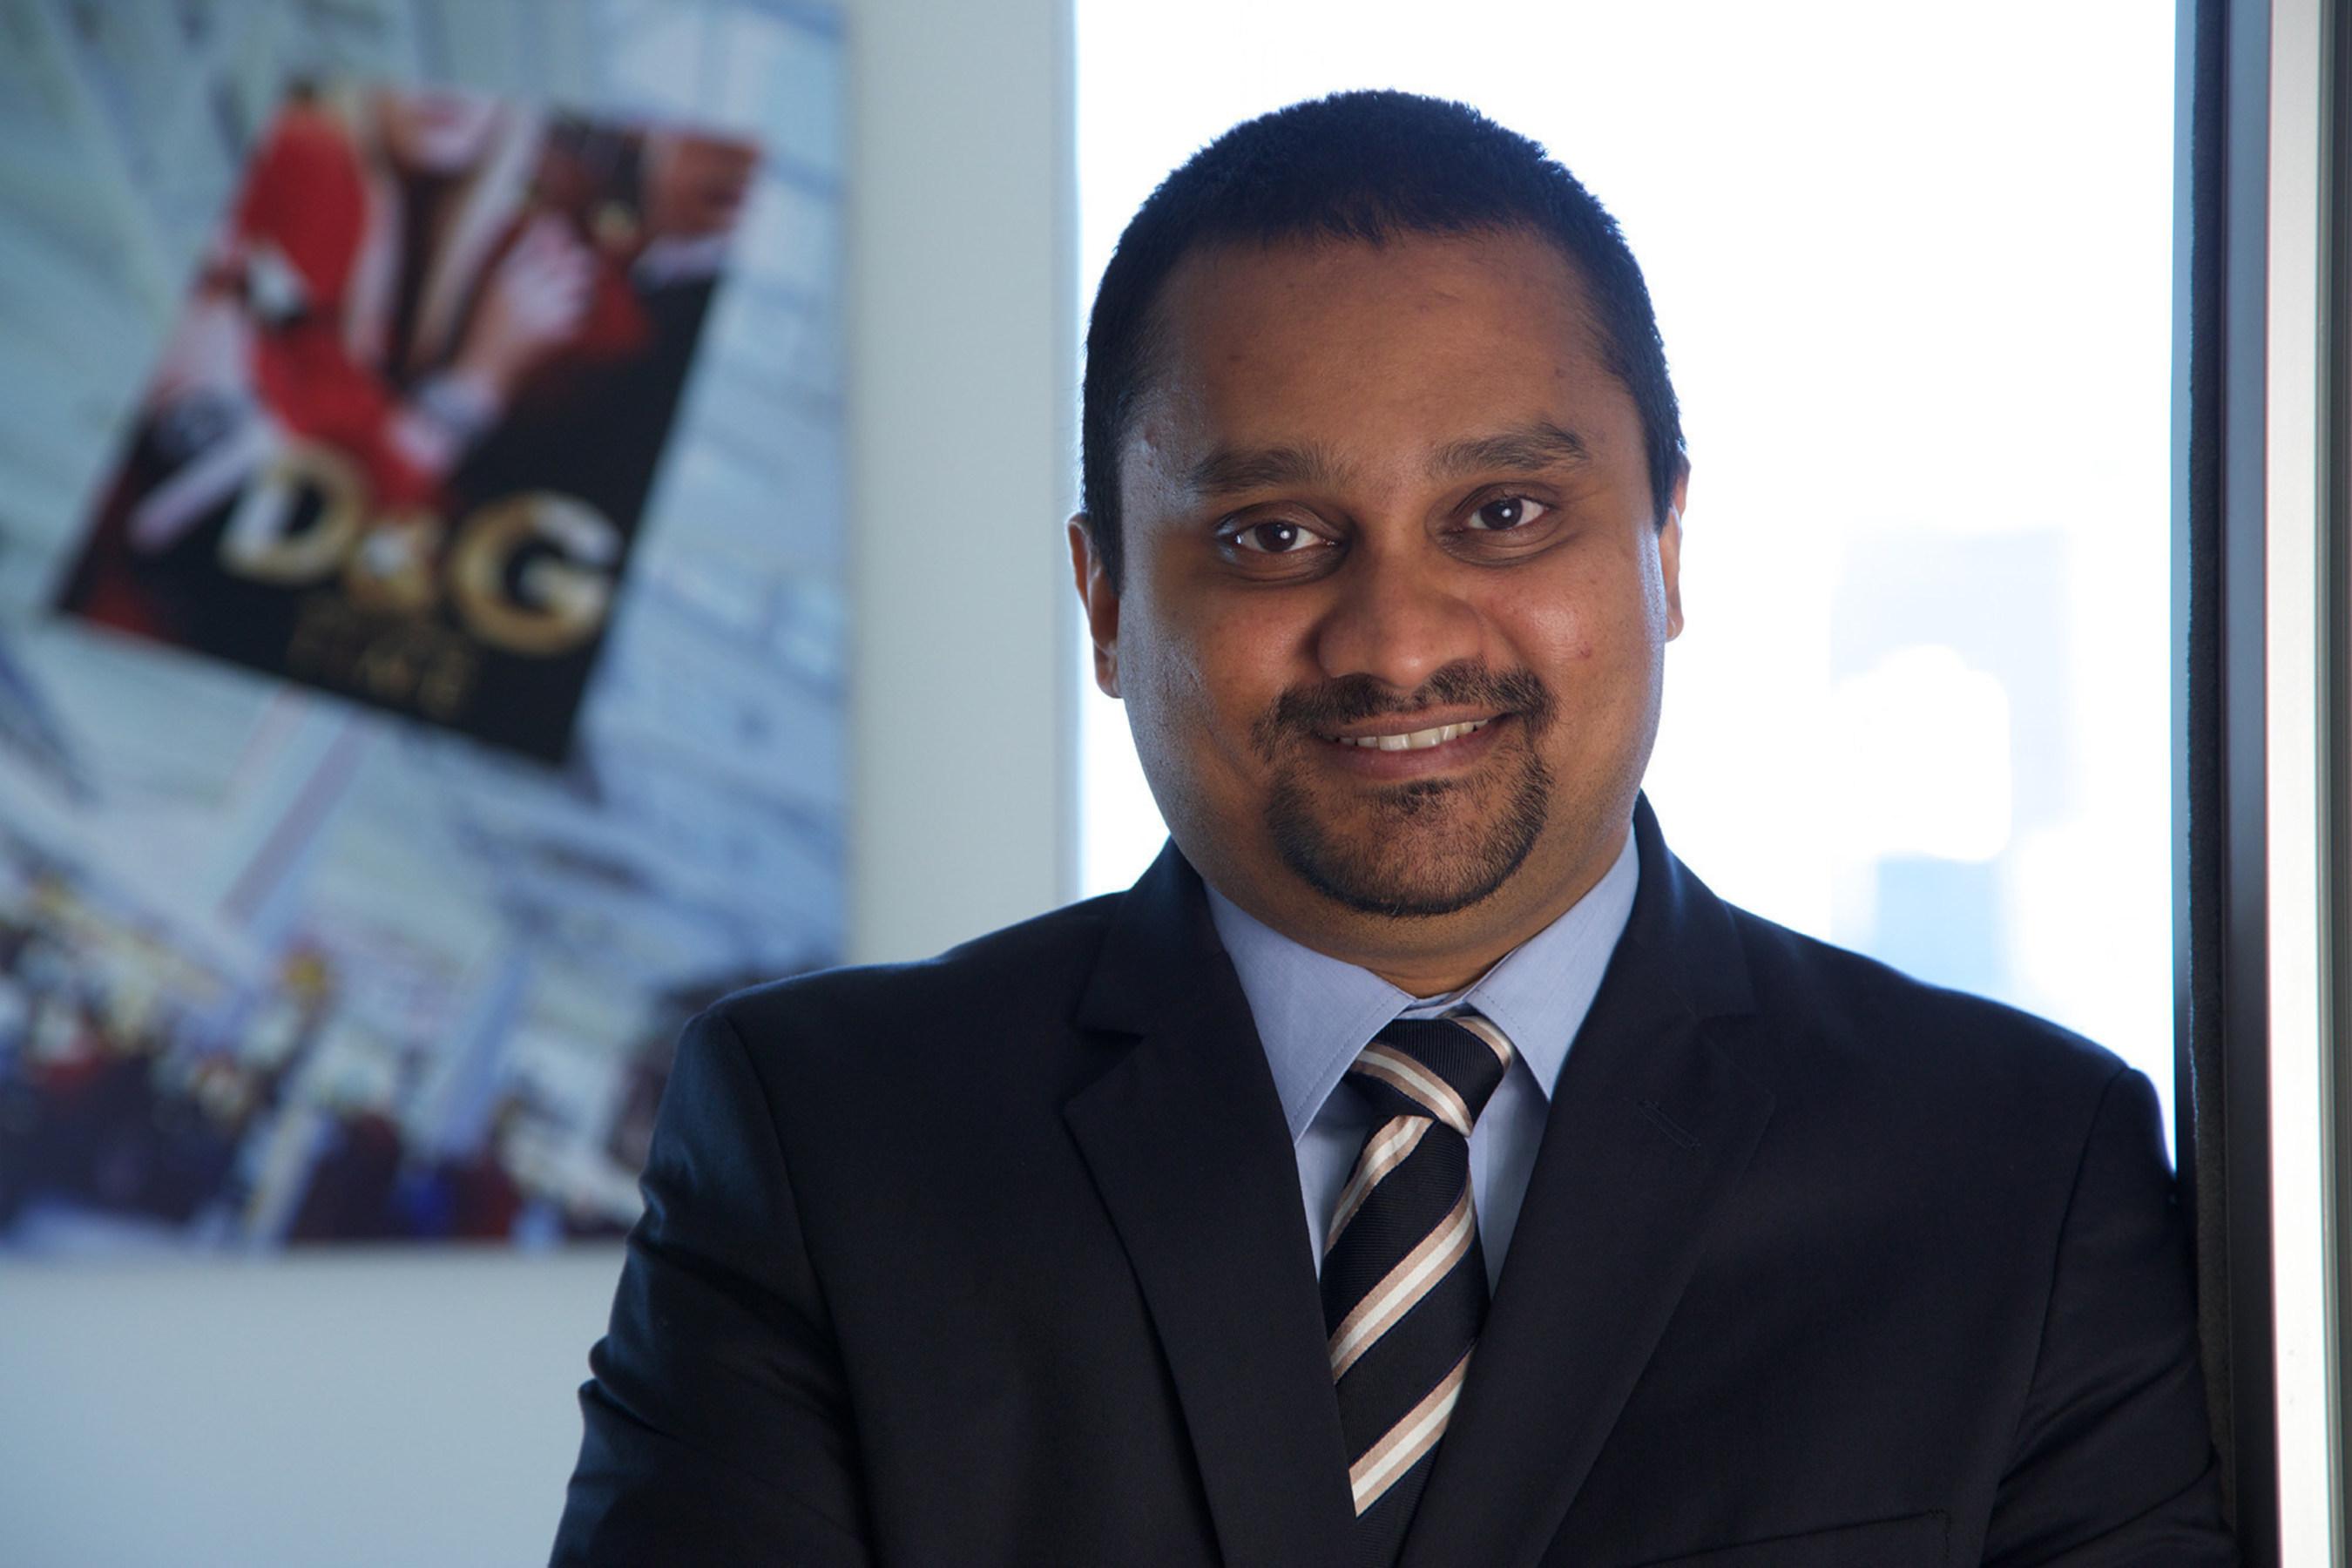 Mark Costa, Chief Digital Officer